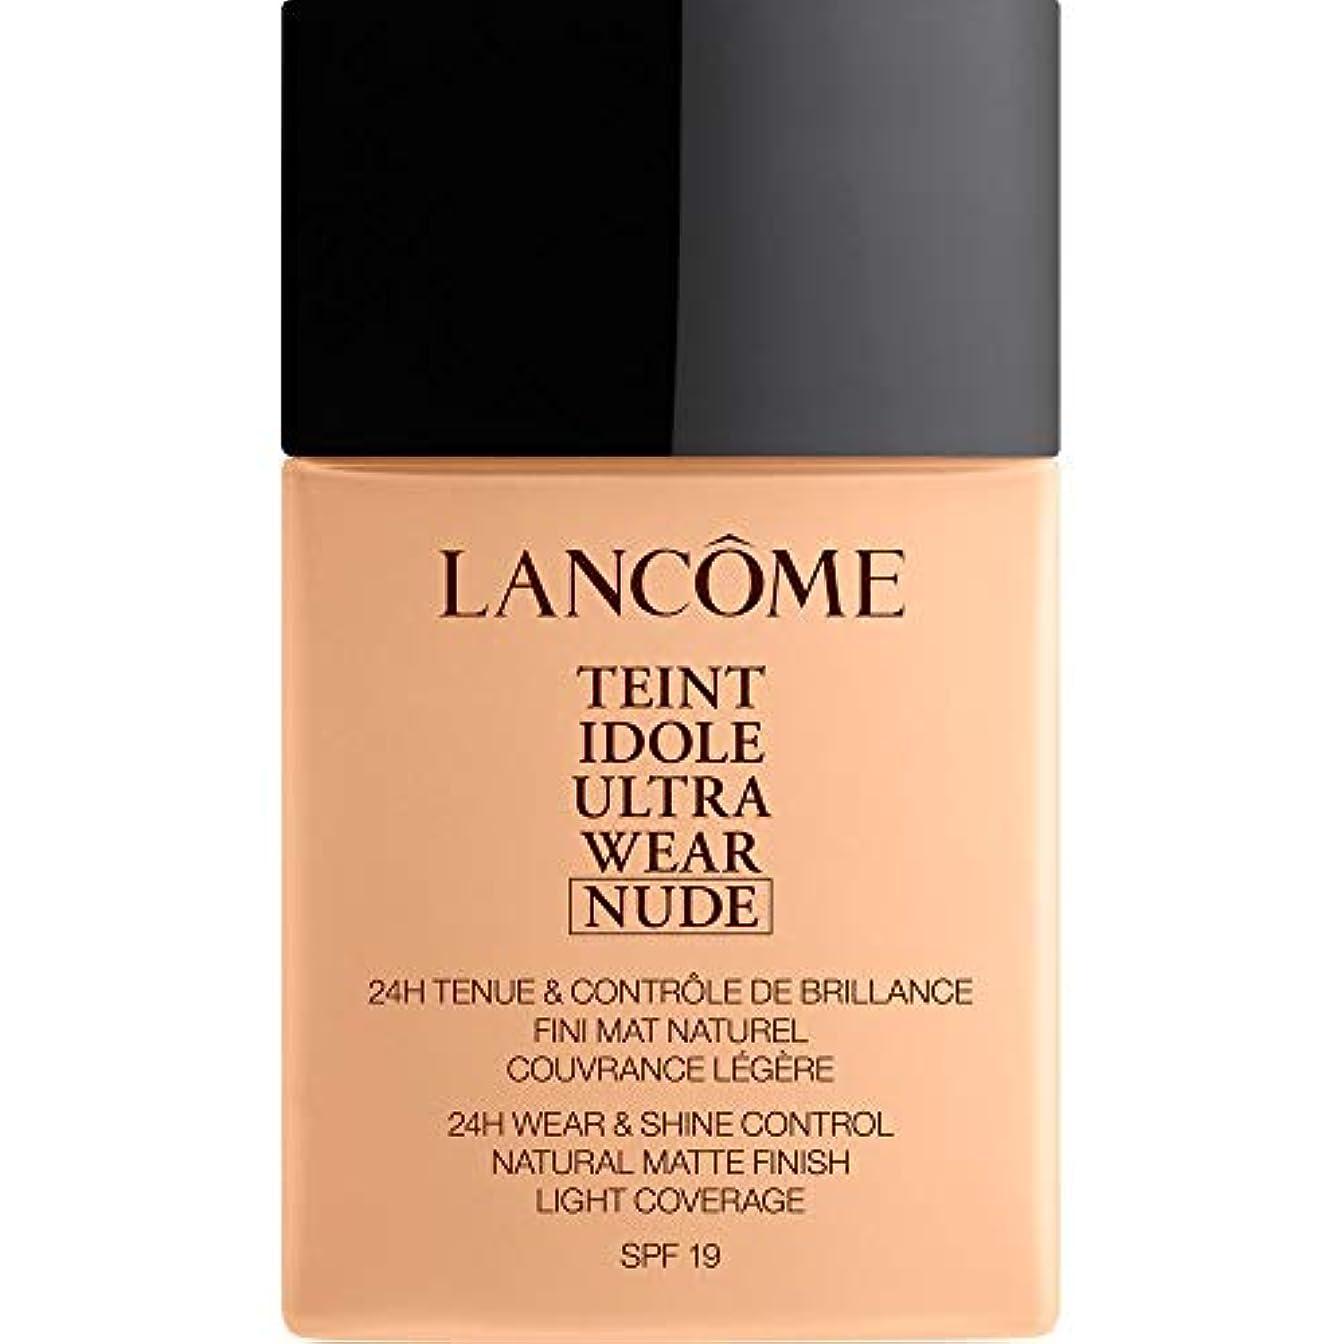 移動するびっくり葡萄[Lanc?me ] ランコムTeintのIdole超摩耗ヌード財団Spf19の40ミリリットル025 - ベージュLin - Lancome Teint Idole Ultra Wear Nude Foundation...